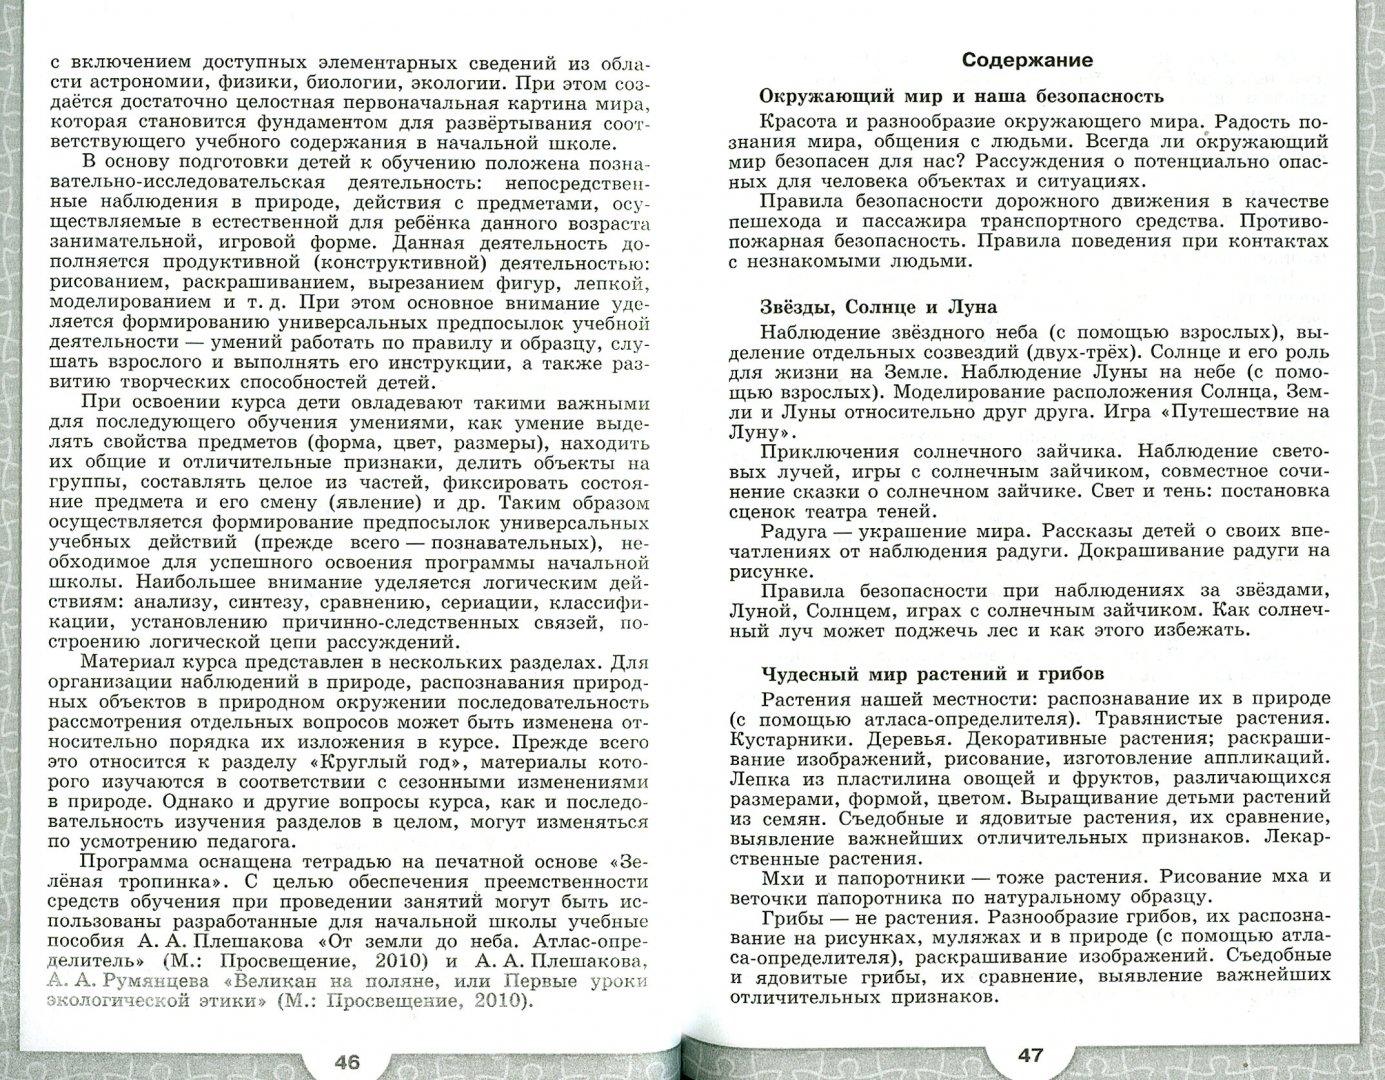 Иллюстрация 1 из 4 для Преемственность. Программа по подготовке к школе детей 5-7 лет - Федосова, Коваленко, Дядюнова | Лабиринт - книги. Источник: Лабиринт